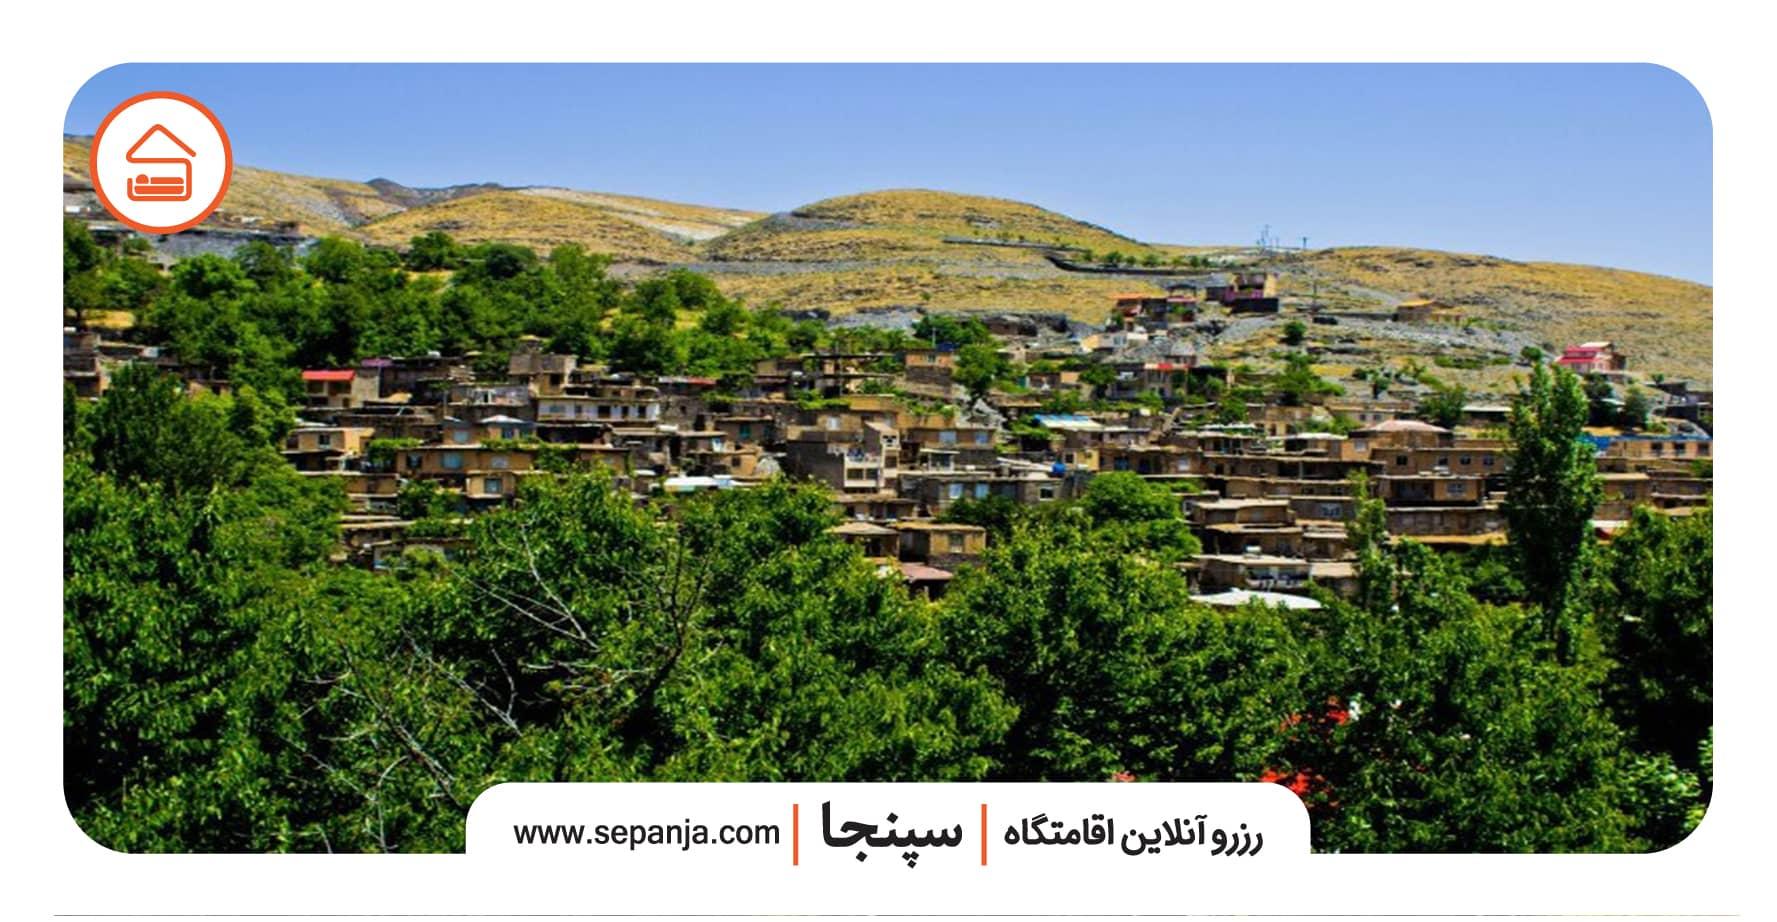 روستای بند گلستان از جاذبه های گردشگری طرقبه